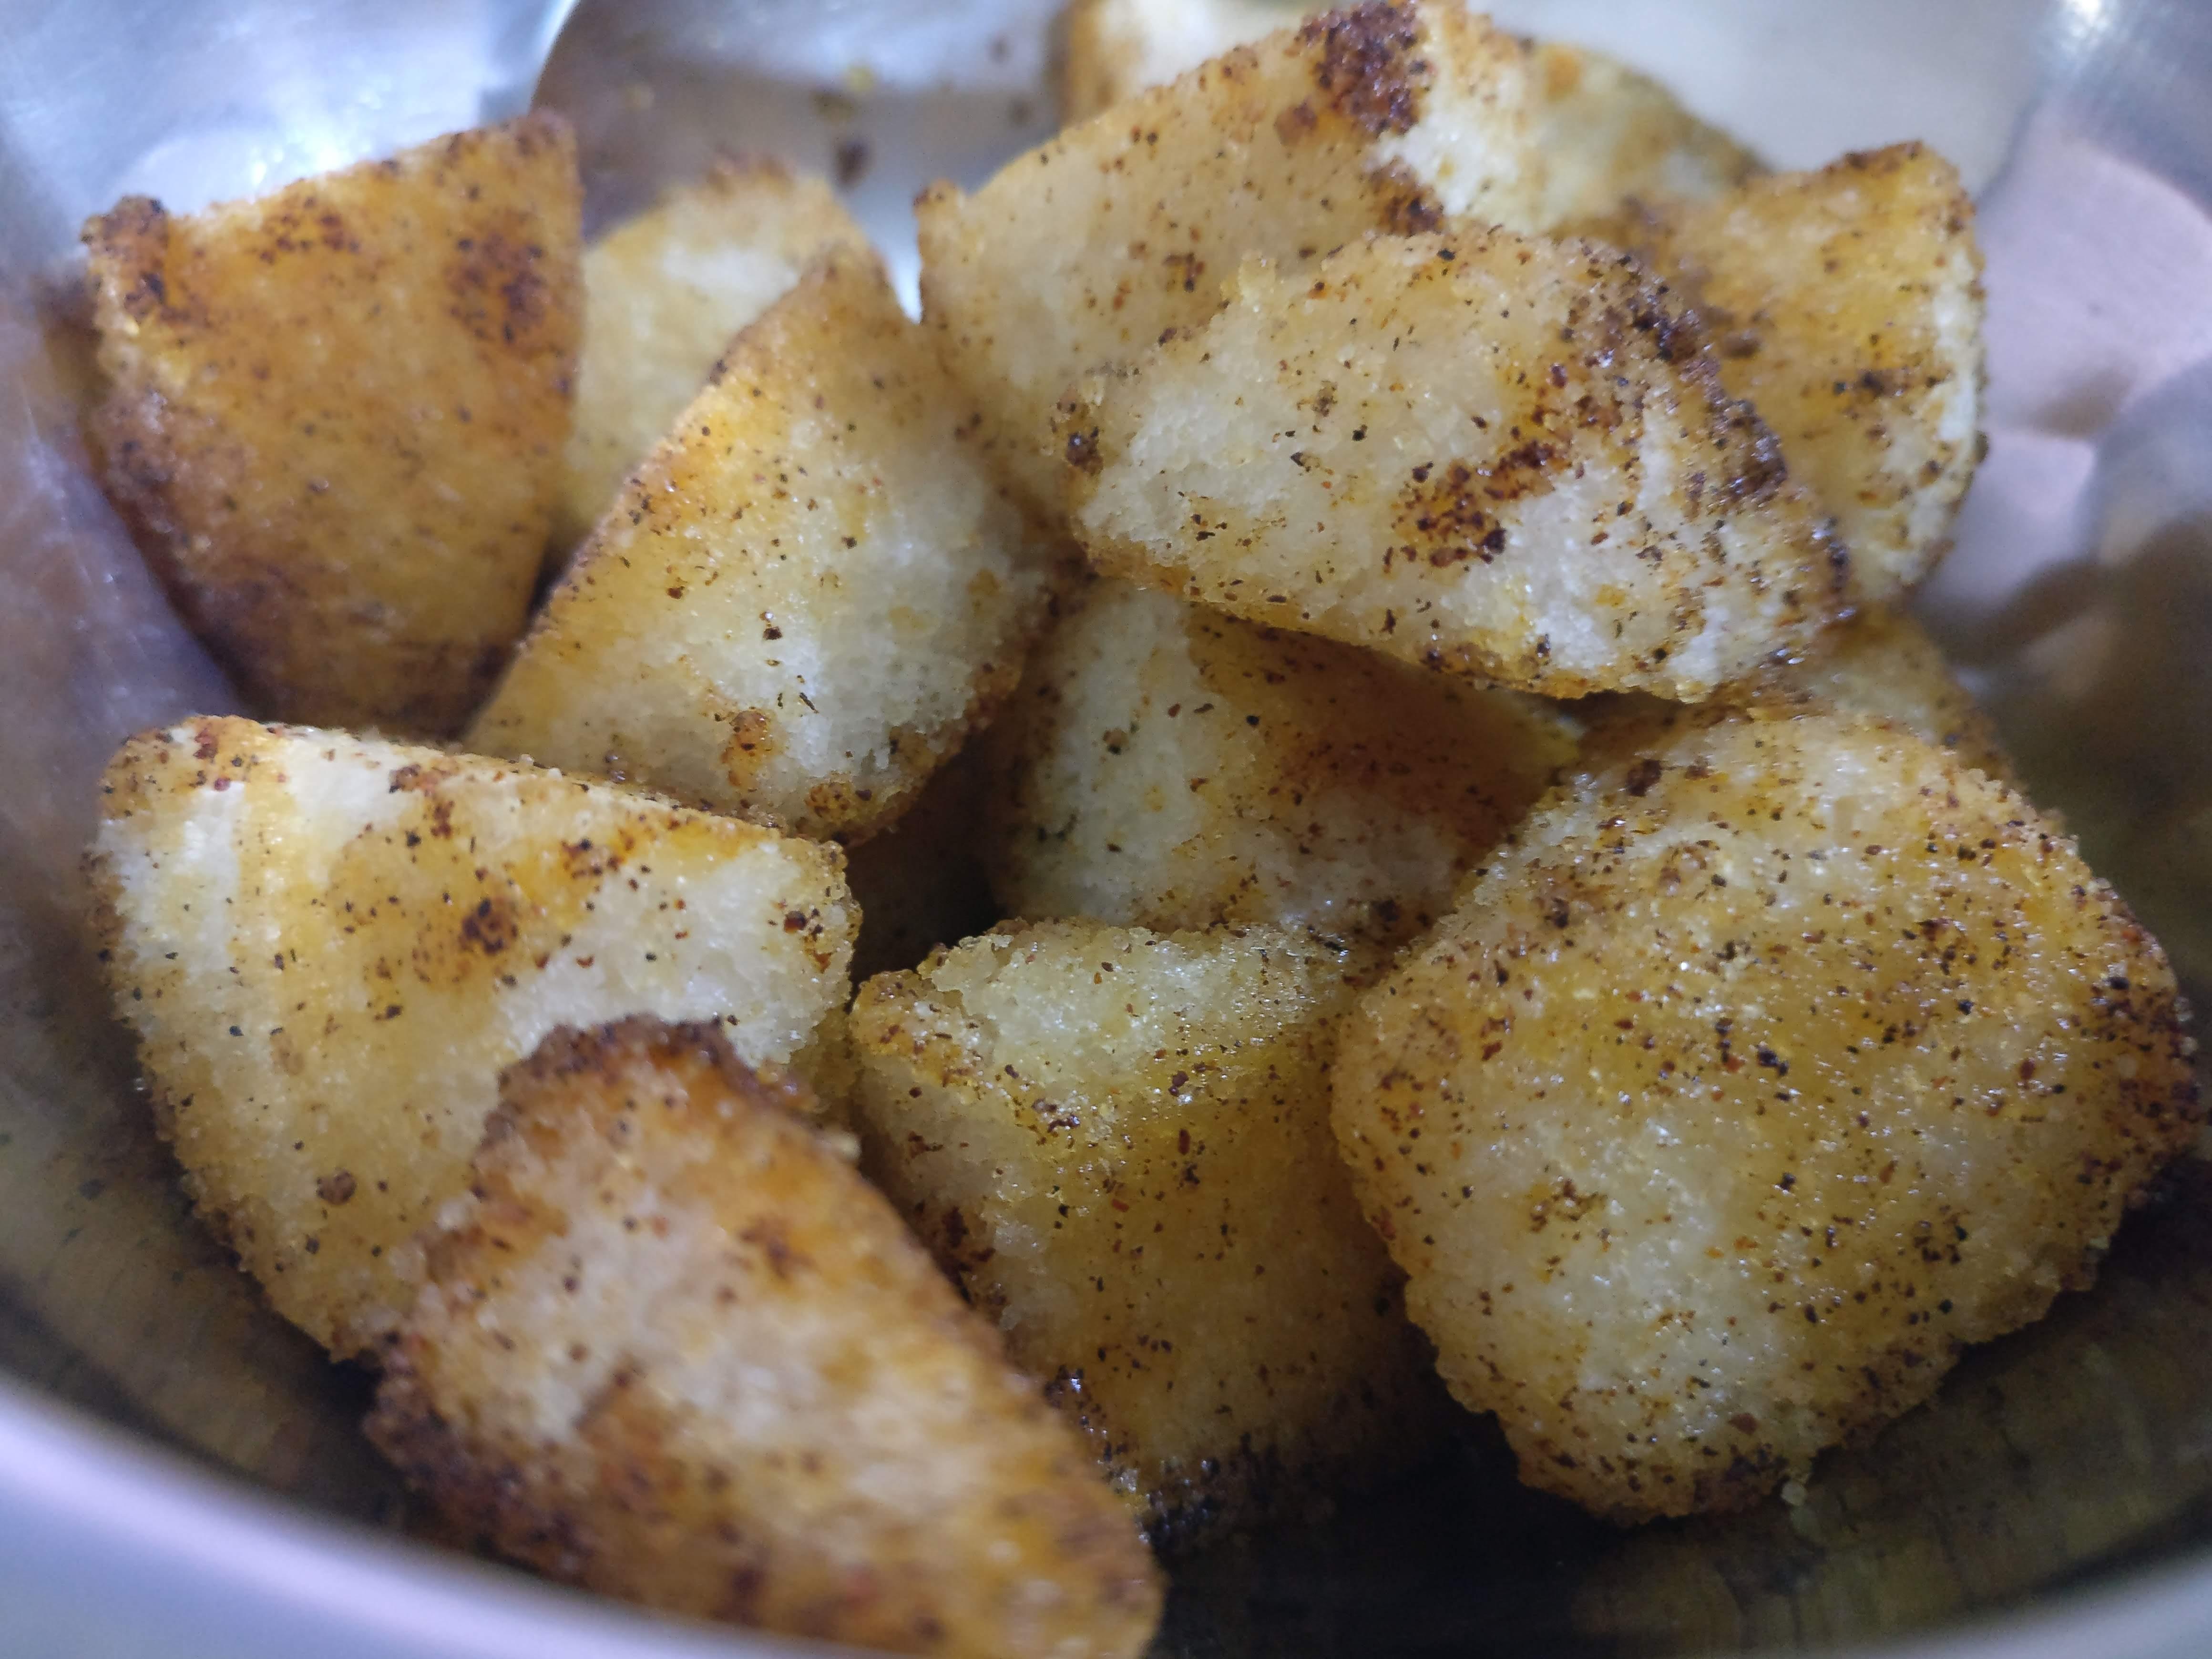 Fried idly